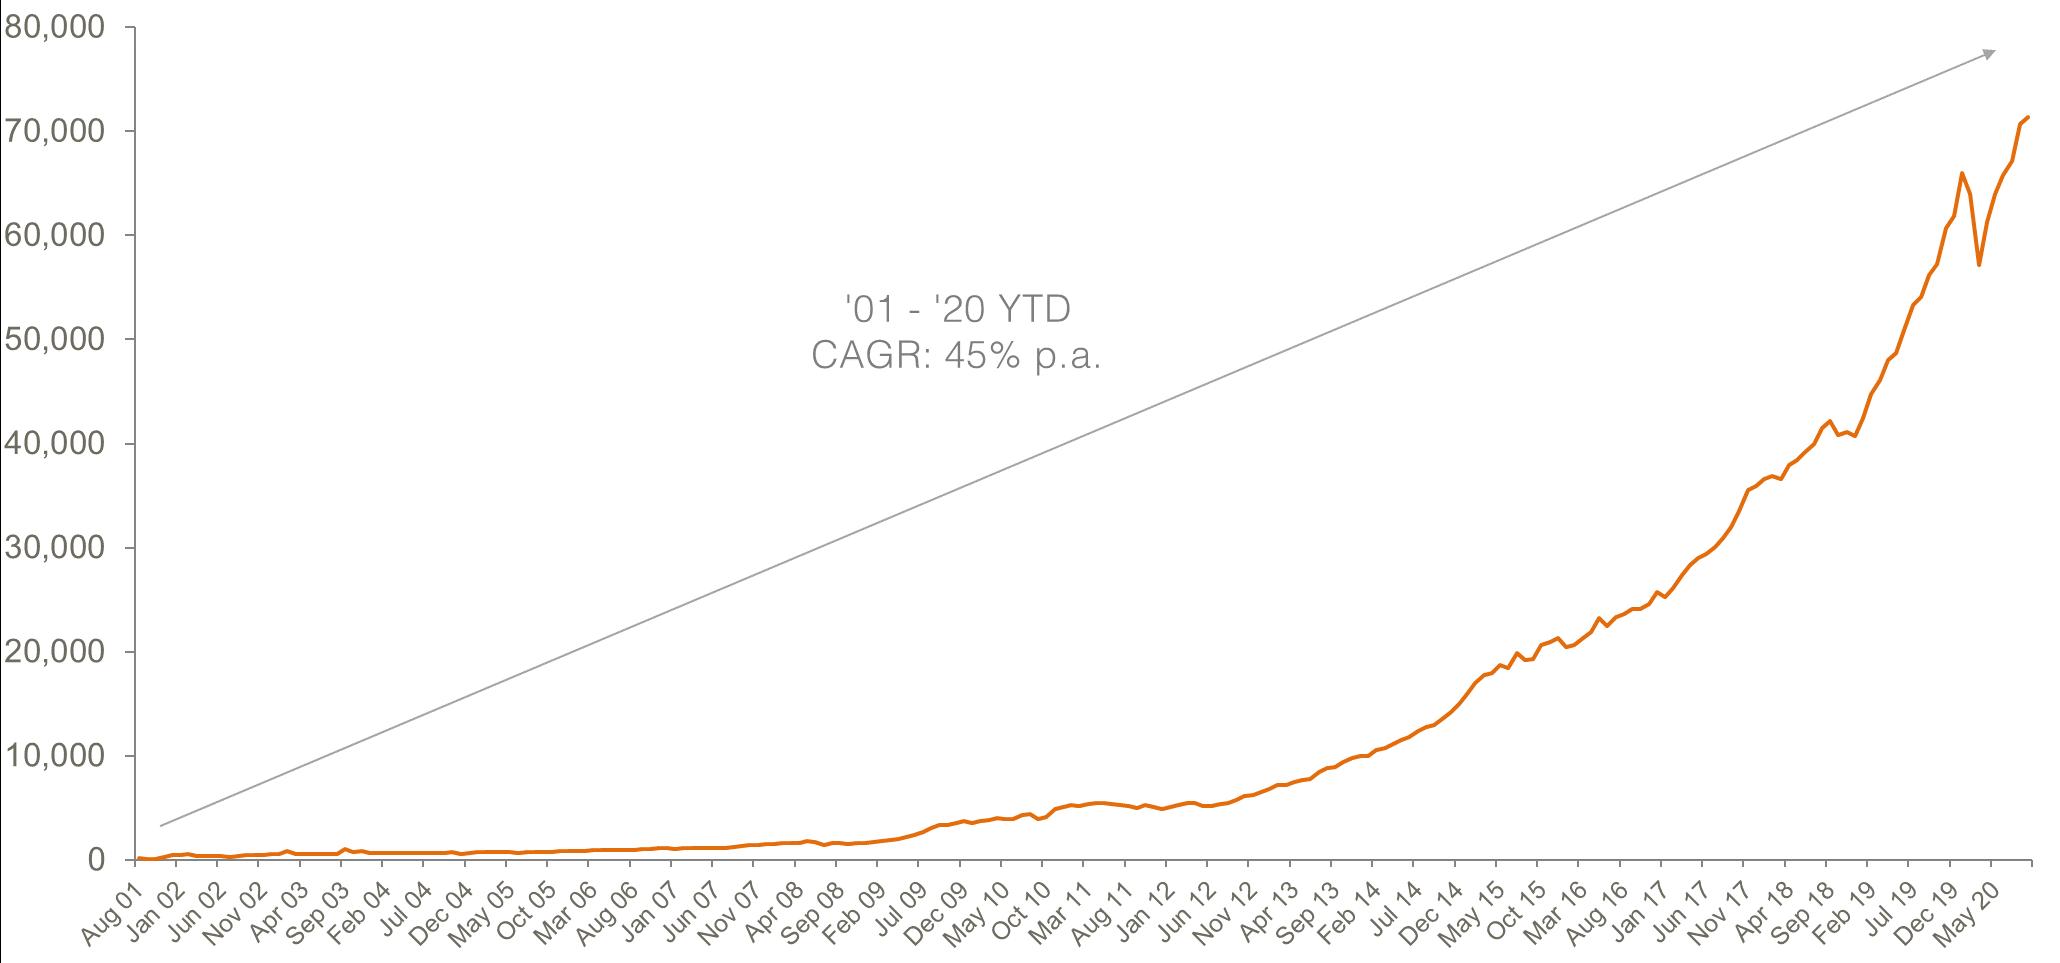 Australian ETP Market Cap: August 2001 - September 2020